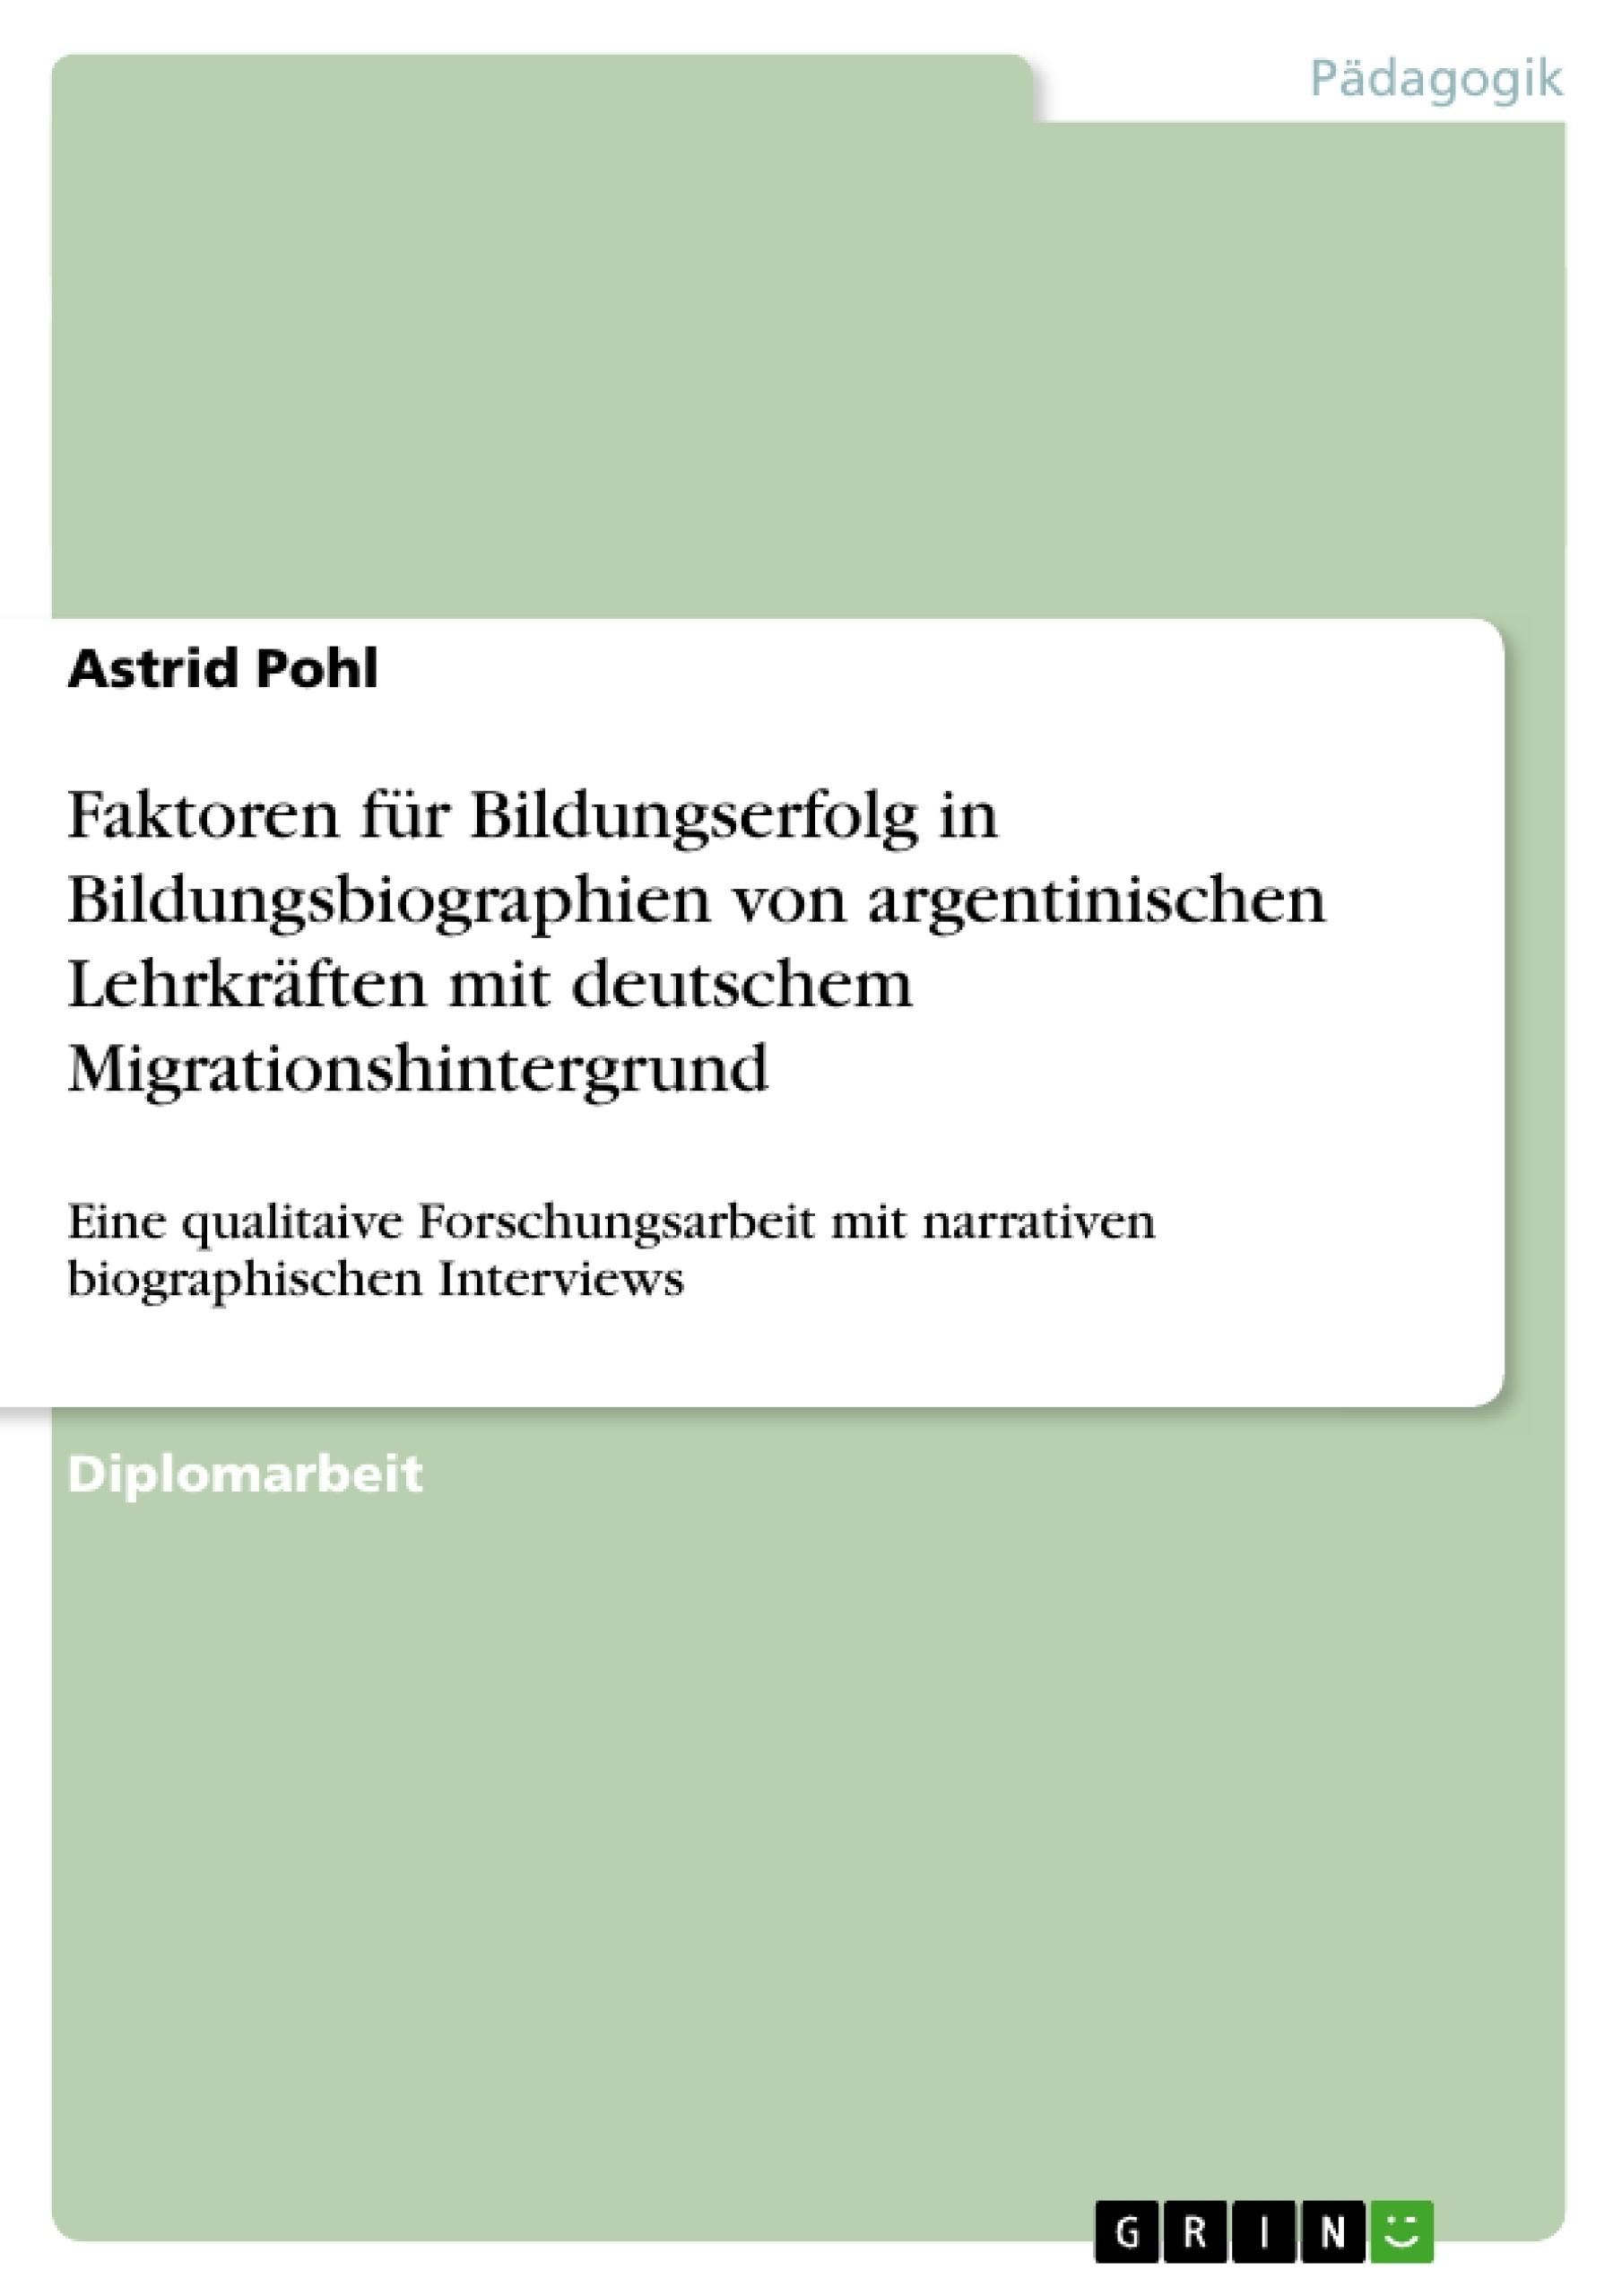 Titel: Faktoren für Bildungserfolg in Bildungsbiographien von argentinischen Lehrkräften mit deutschem Migrationshintergrund